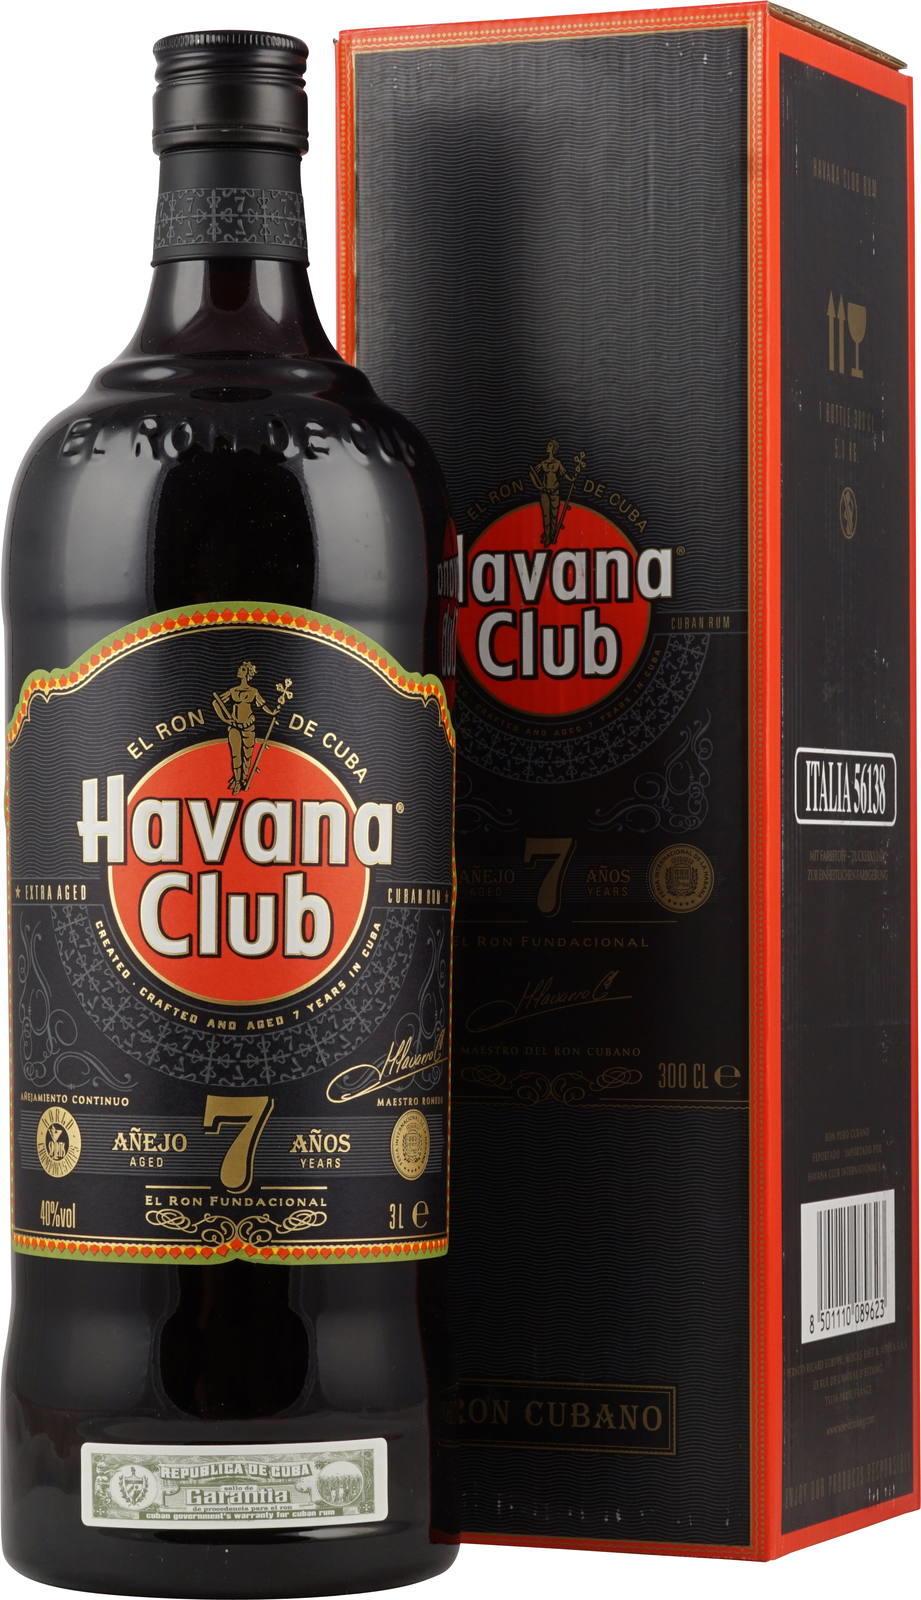 Havana Club 3l